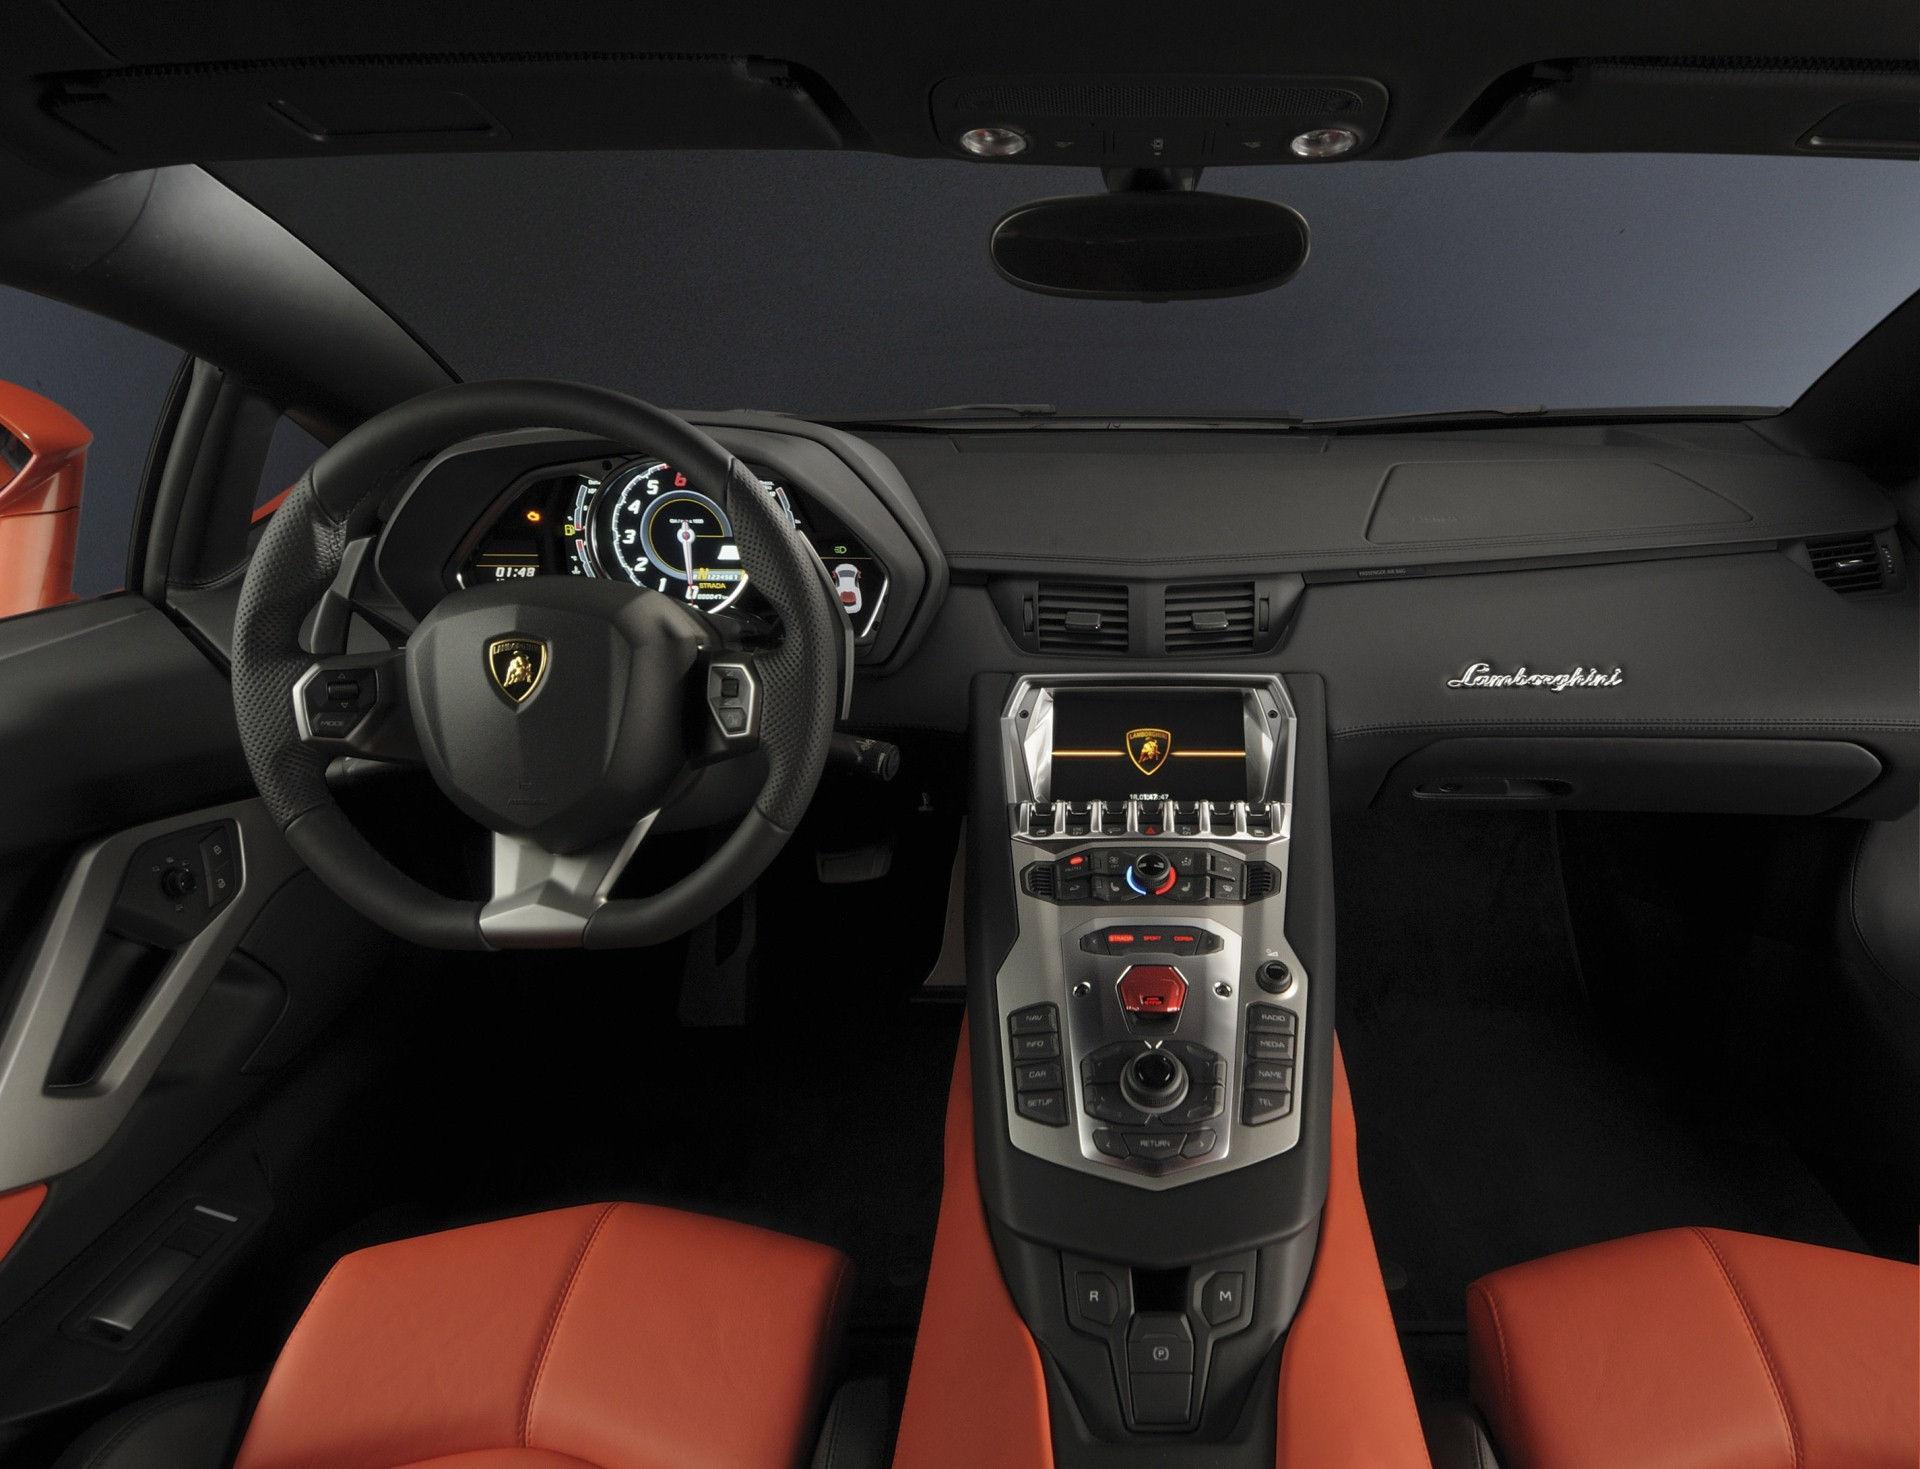 Lamborghini LP 700-4 - Innenausstattung